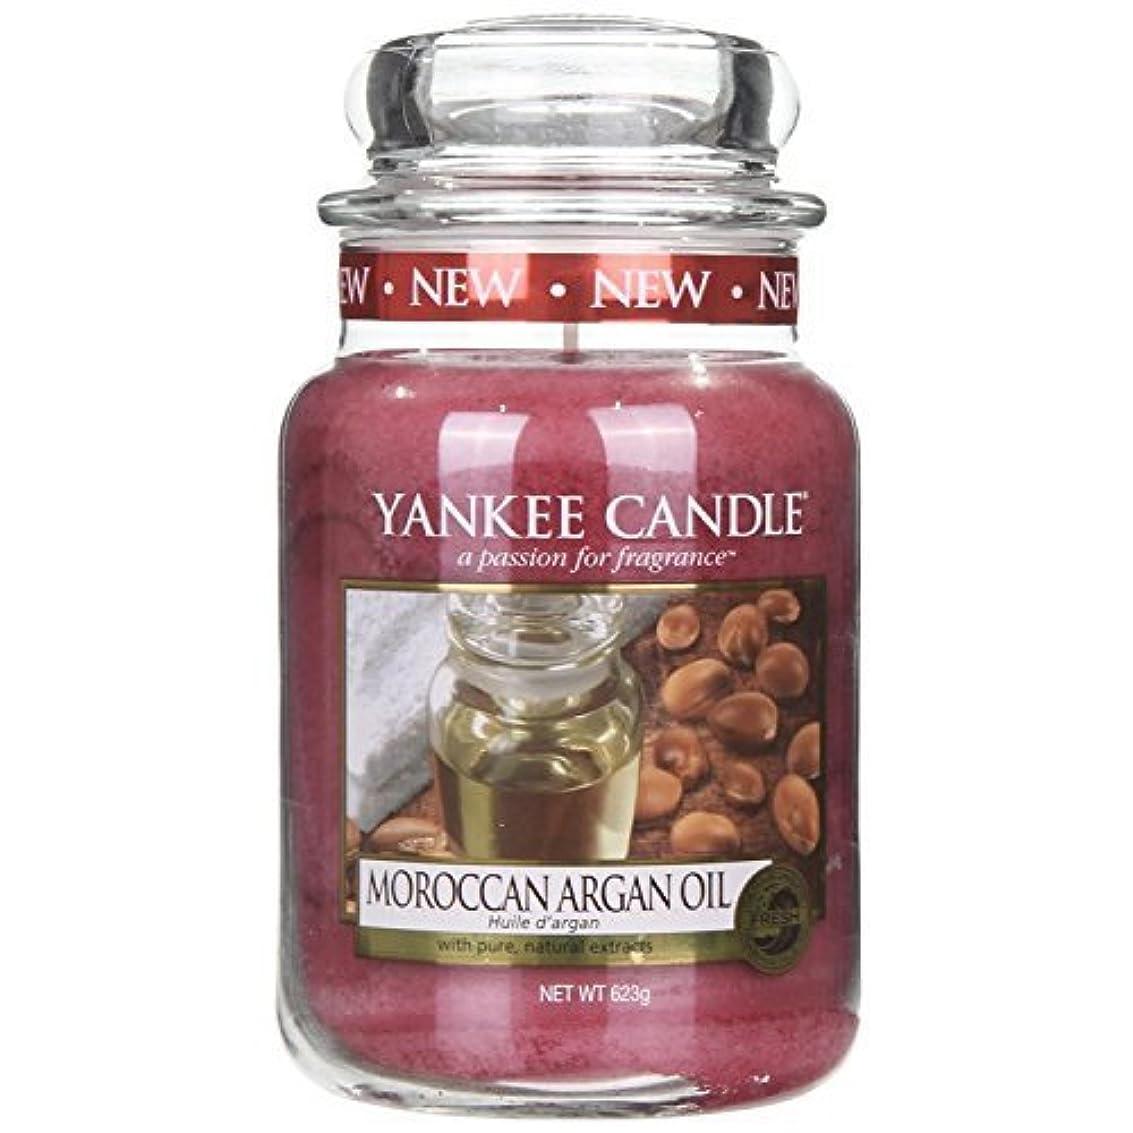 パターンダーススーパーYankee Candle MOROCCAN ARGAN OIL 22oz Large Jar Candle - UK Exclusive by Yankee Candle [並行輸入品]